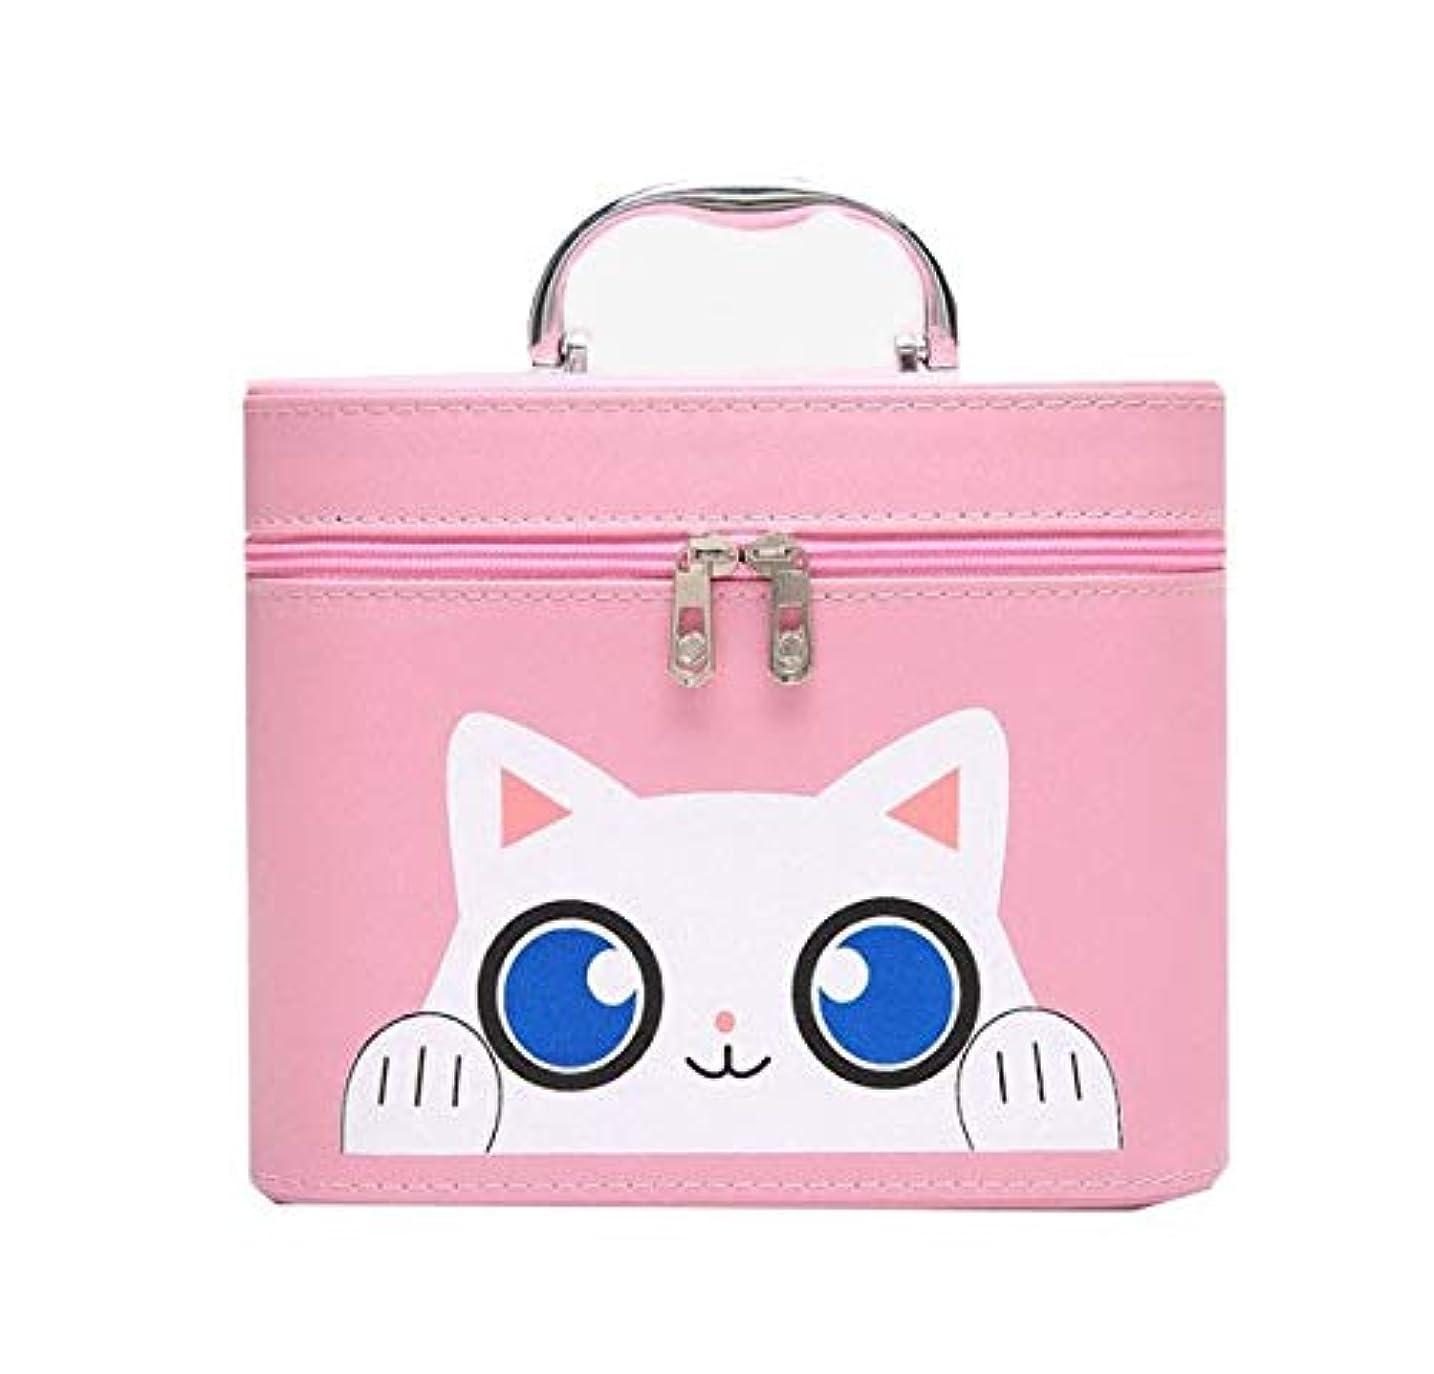 自動化農学外国人化粧箱、大容量漫画猫化粧品ケース、ポータブル旅行化粧品ケース、美容ネイルジュエリー収納ボックス (Size : S)